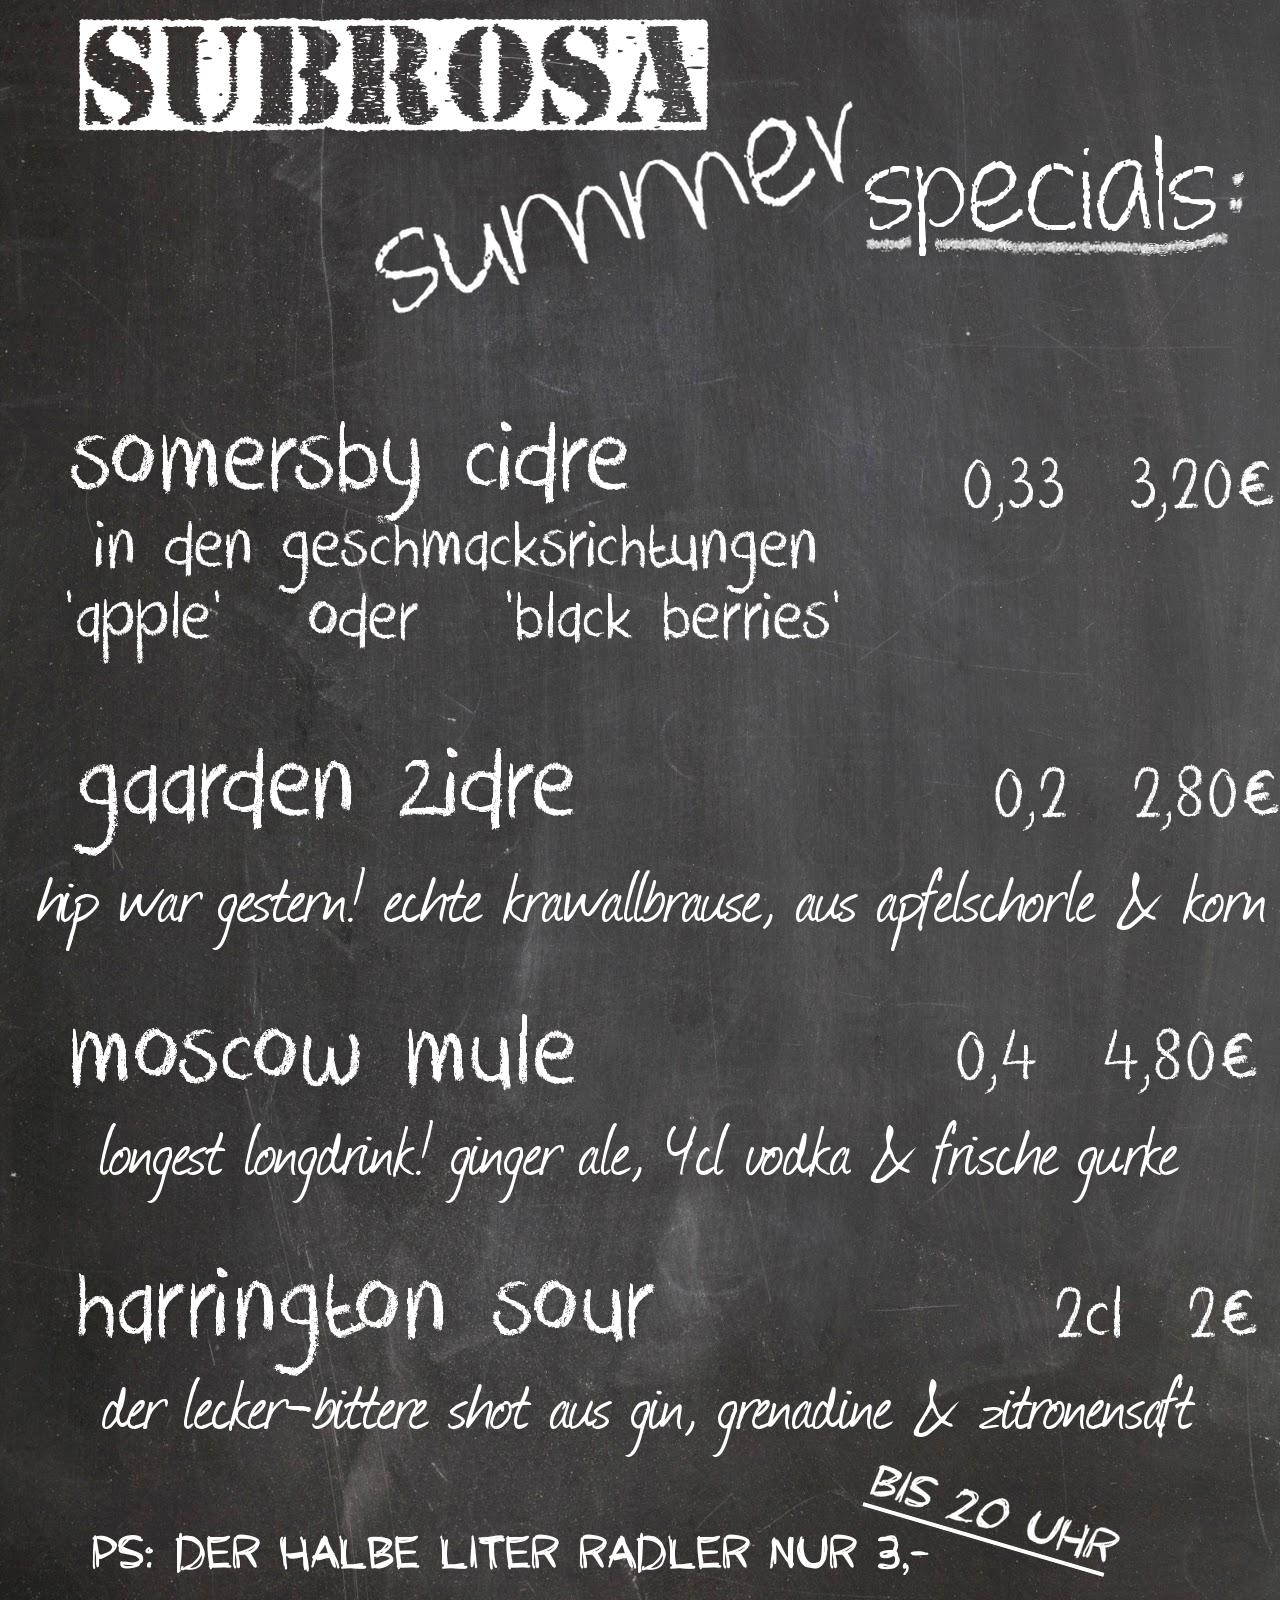 subrosa summer specials